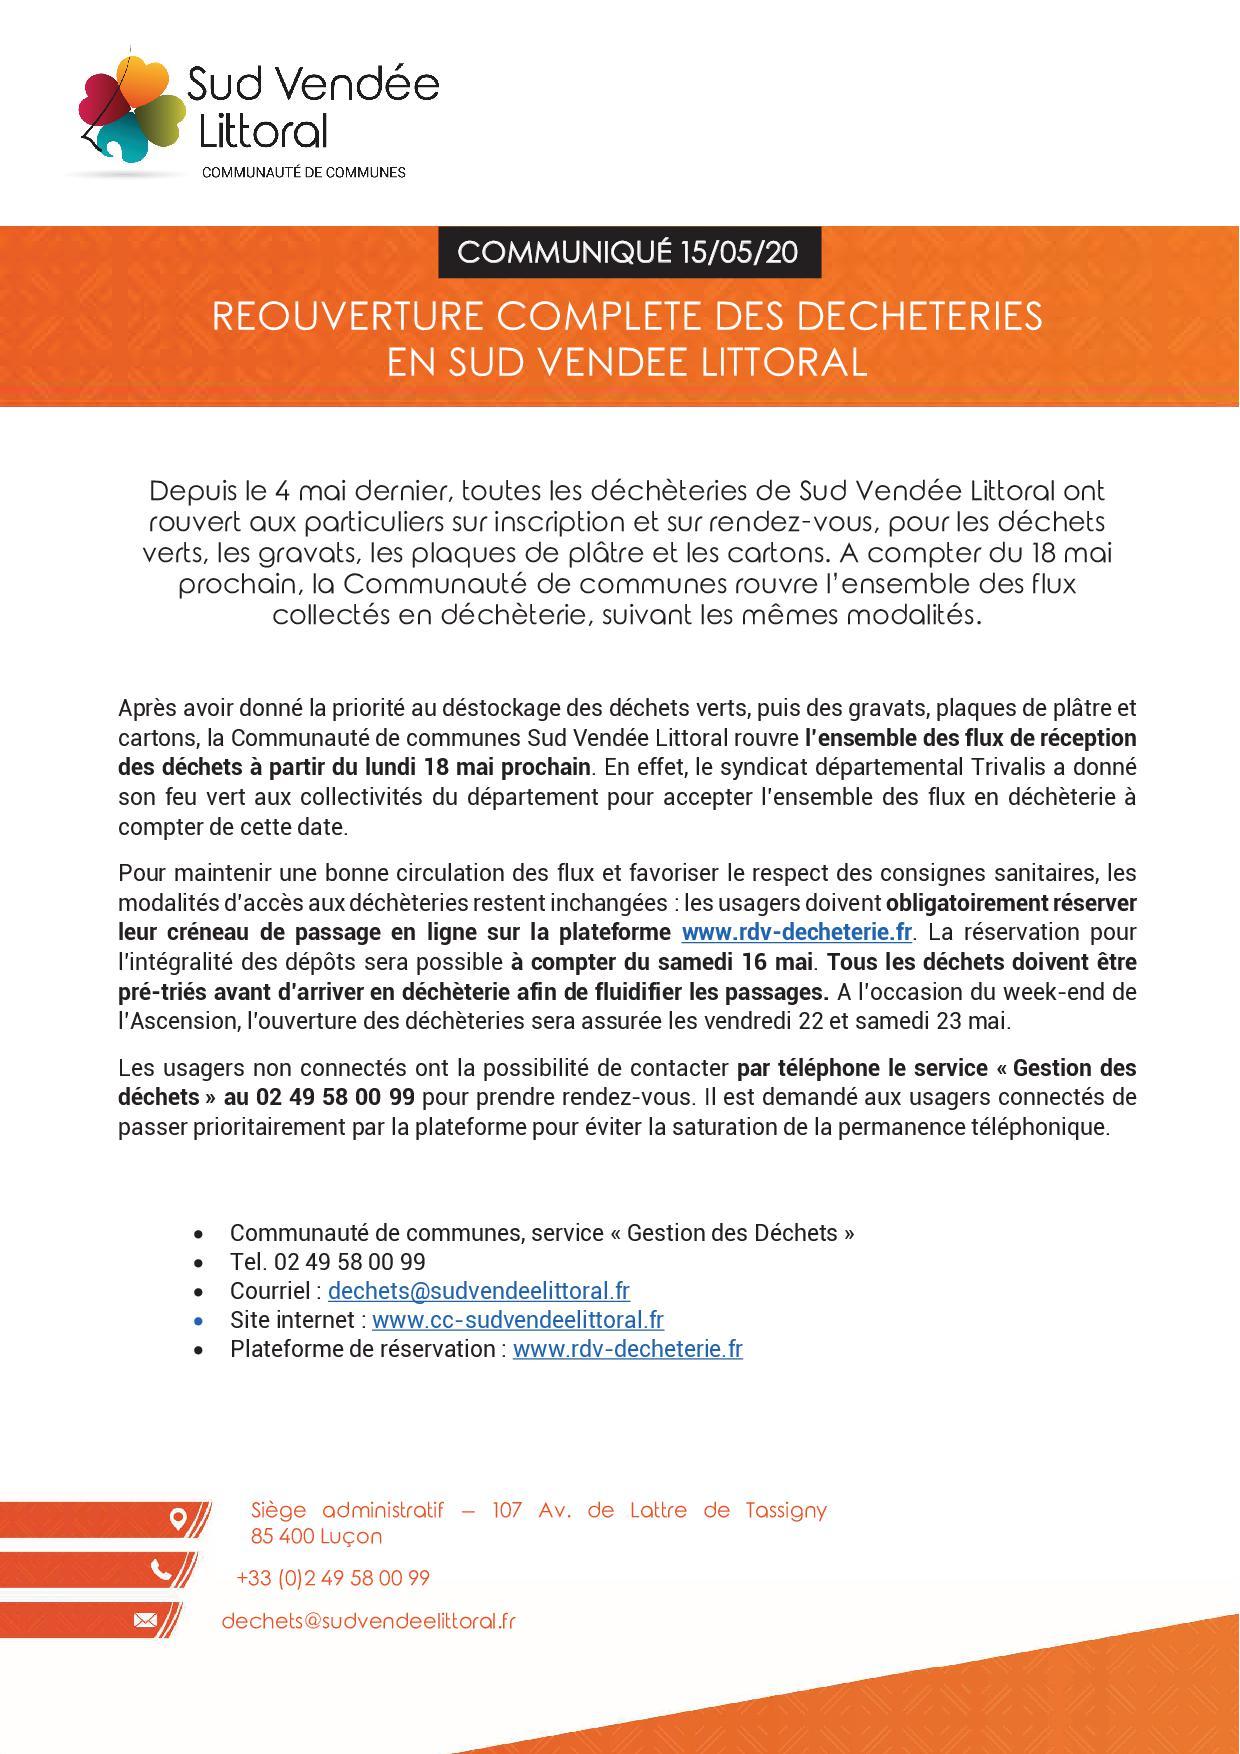 Réouverture complète des déchèteries en Sud Vendée Littoral